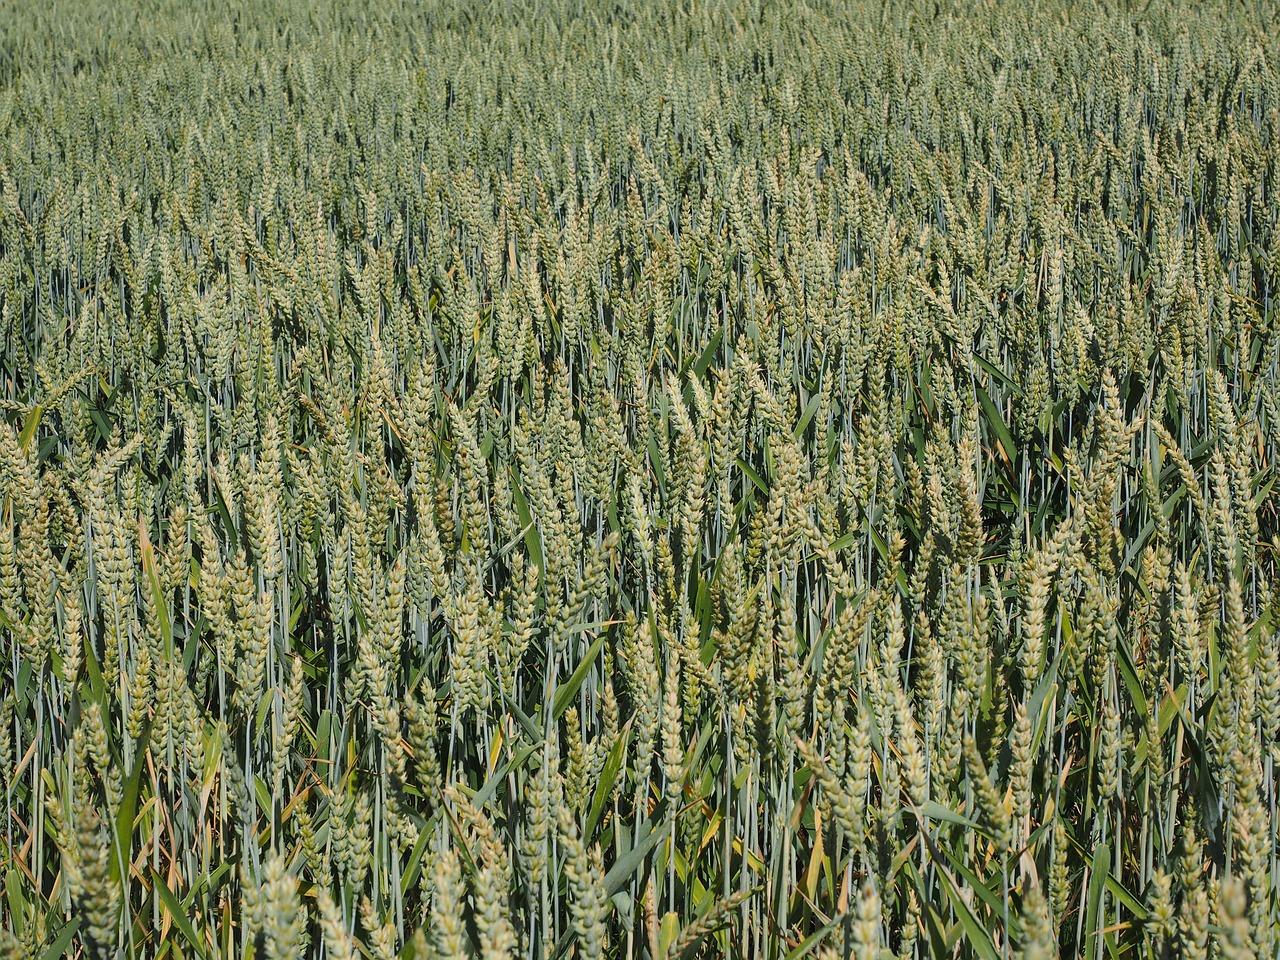 La producción de cereal alcanzará los 25,8 millones de toneladas